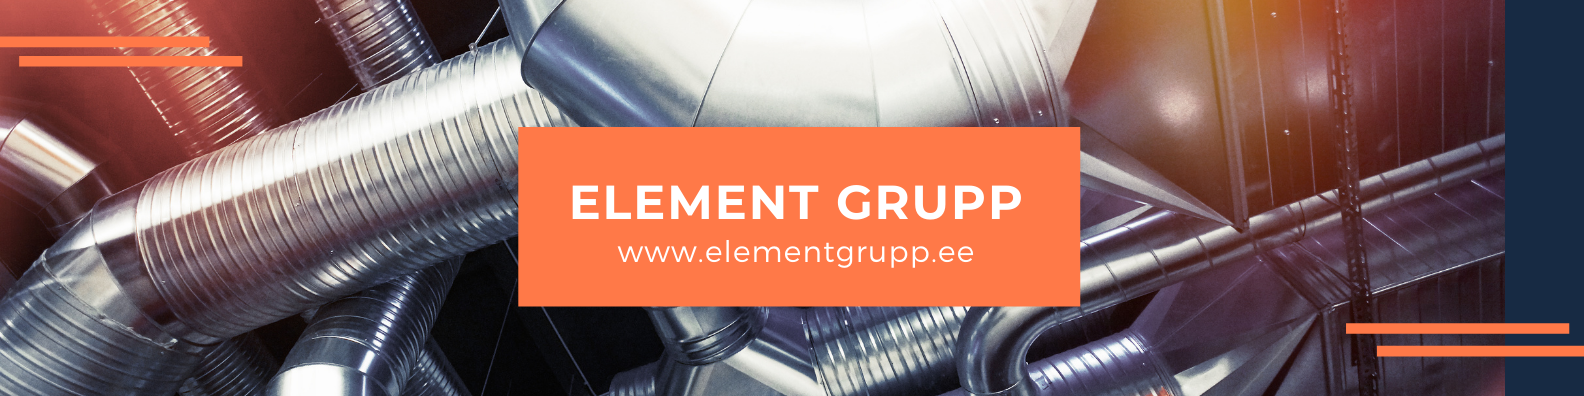 ELEMENT GRUPP